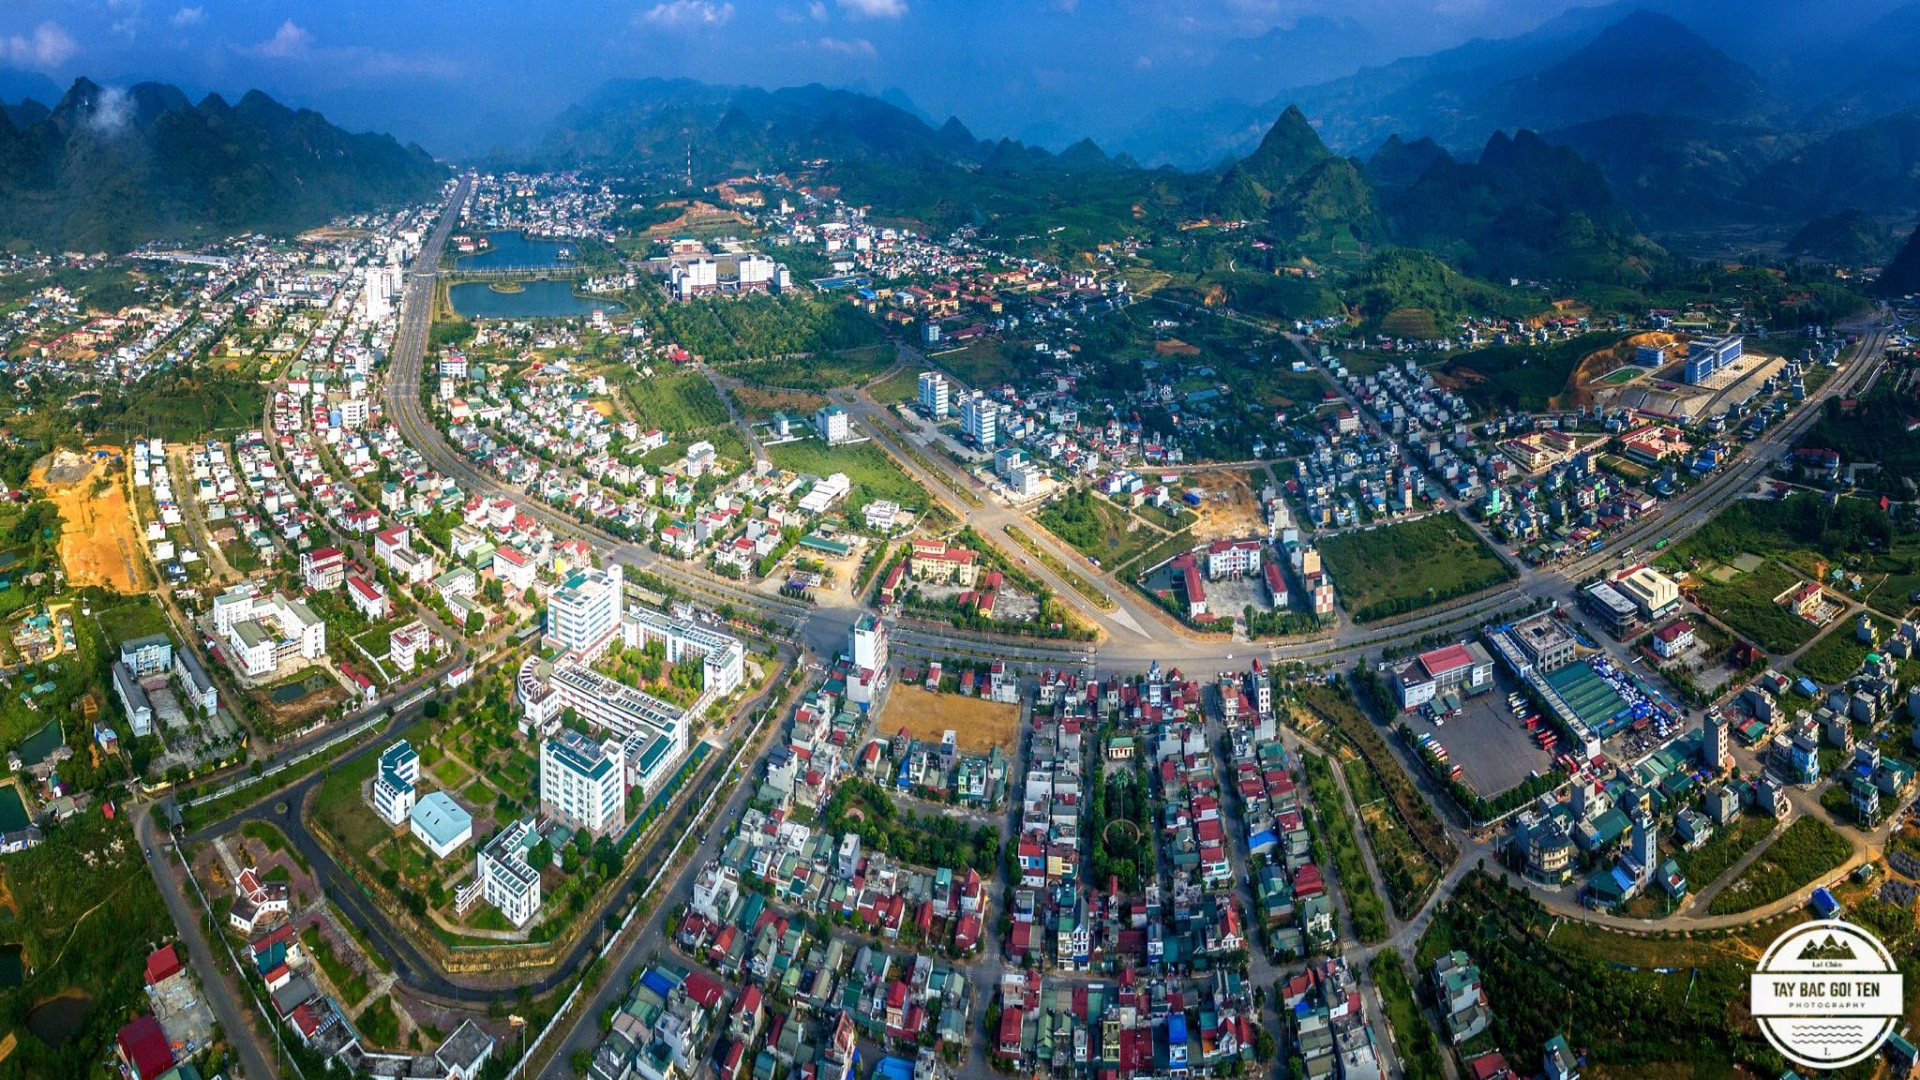 Thành phố Lai Châu: Hướng đến xây dựng thành phố đạt đô thị loại II